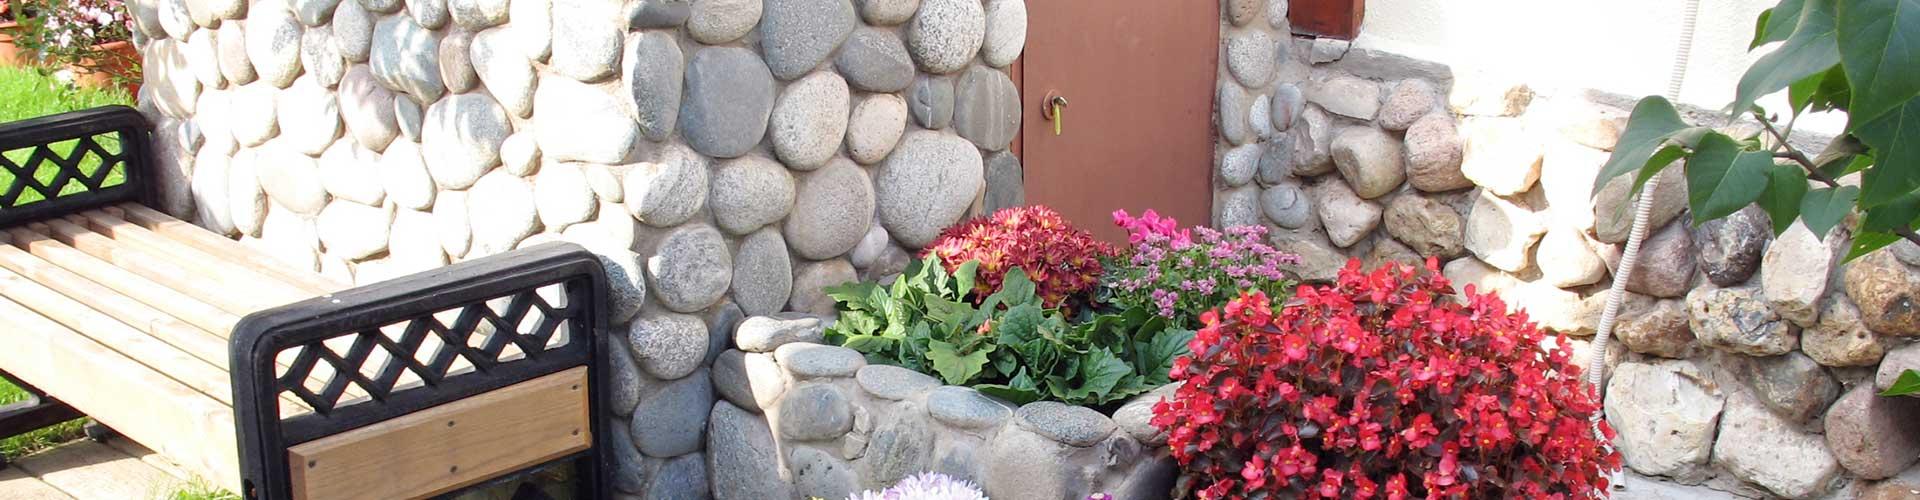 цветочное оформление сада (реализация)